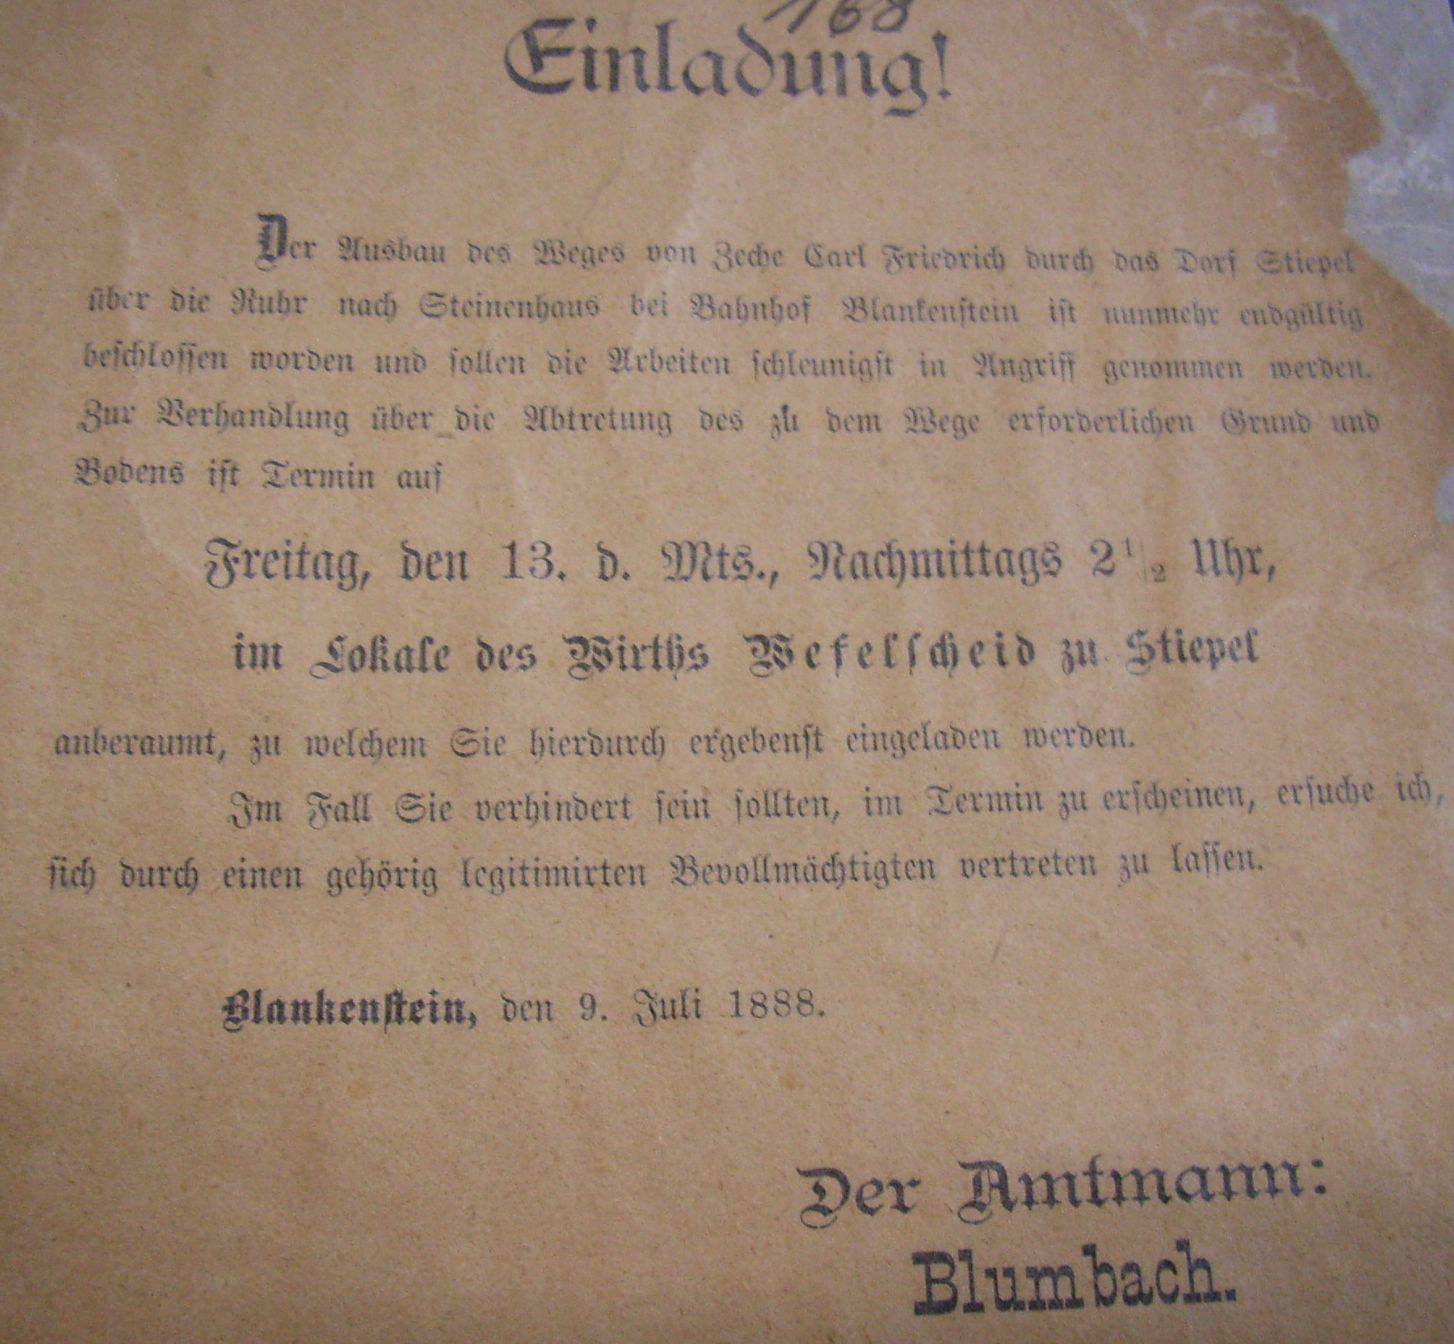 """Einladung """"… zur Verhandlung über die Abtretung des … Grund und Bodens"""", Juli 1888"""